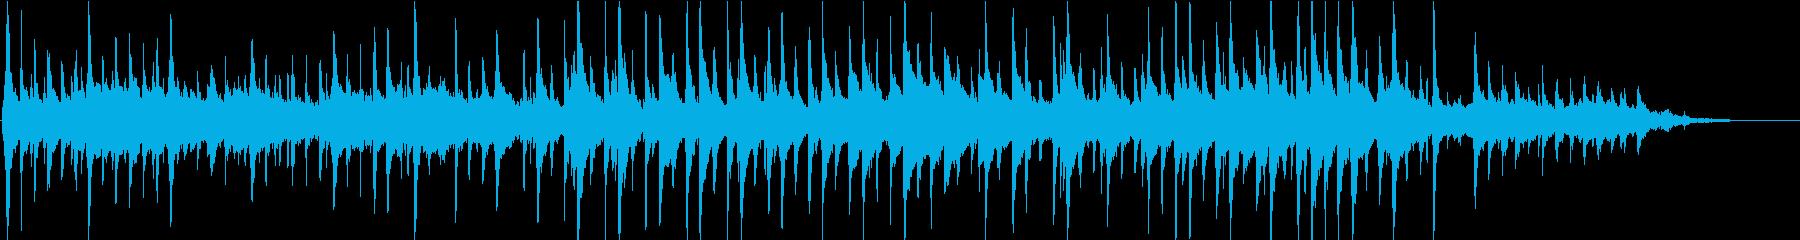 三線を使った幻想的な曲の再生済みの波形